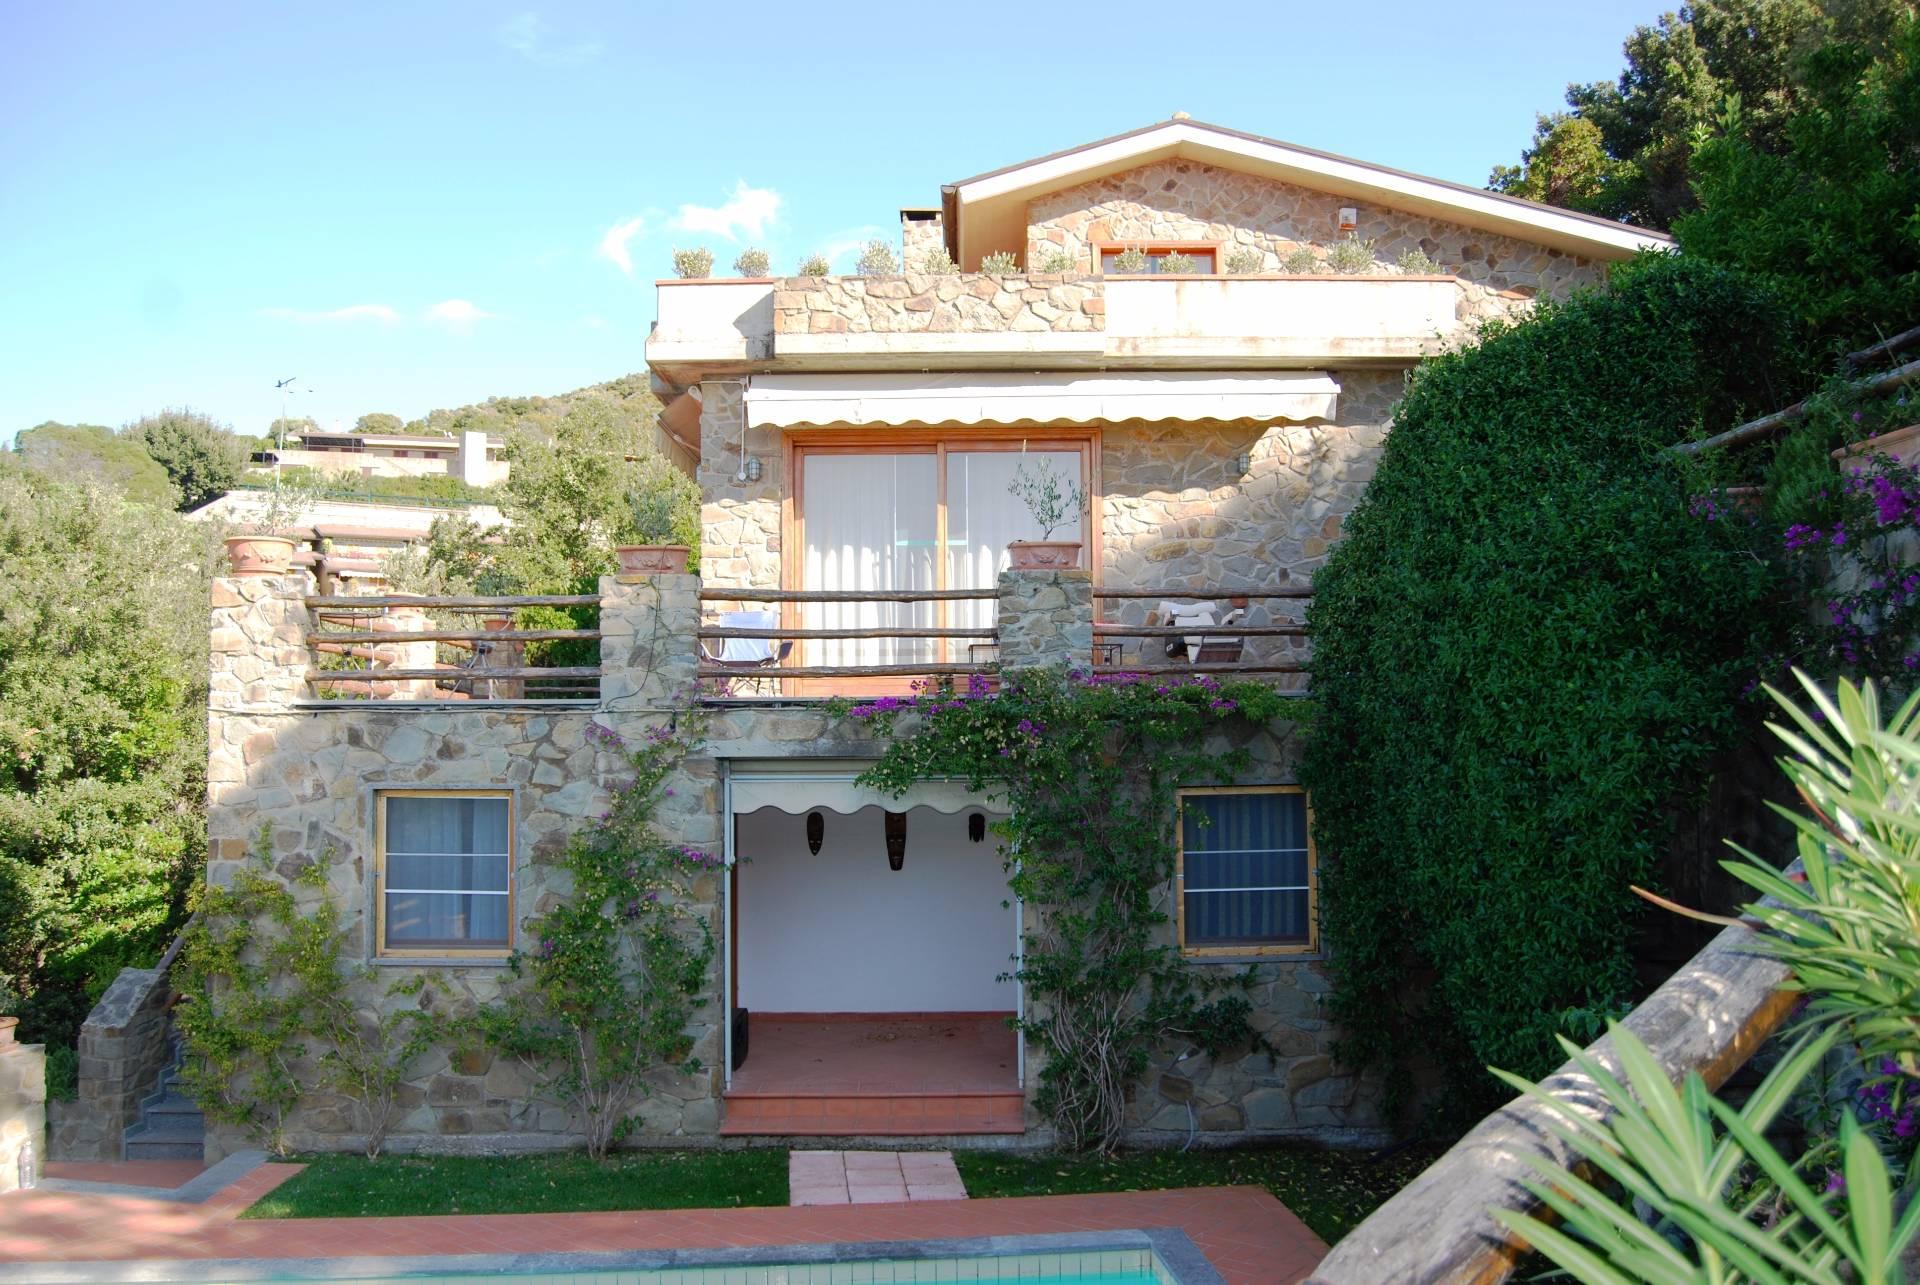 Villa in Vendita a Castiglione Della Pescaia: 5 locali, 260 mq - Foto 3